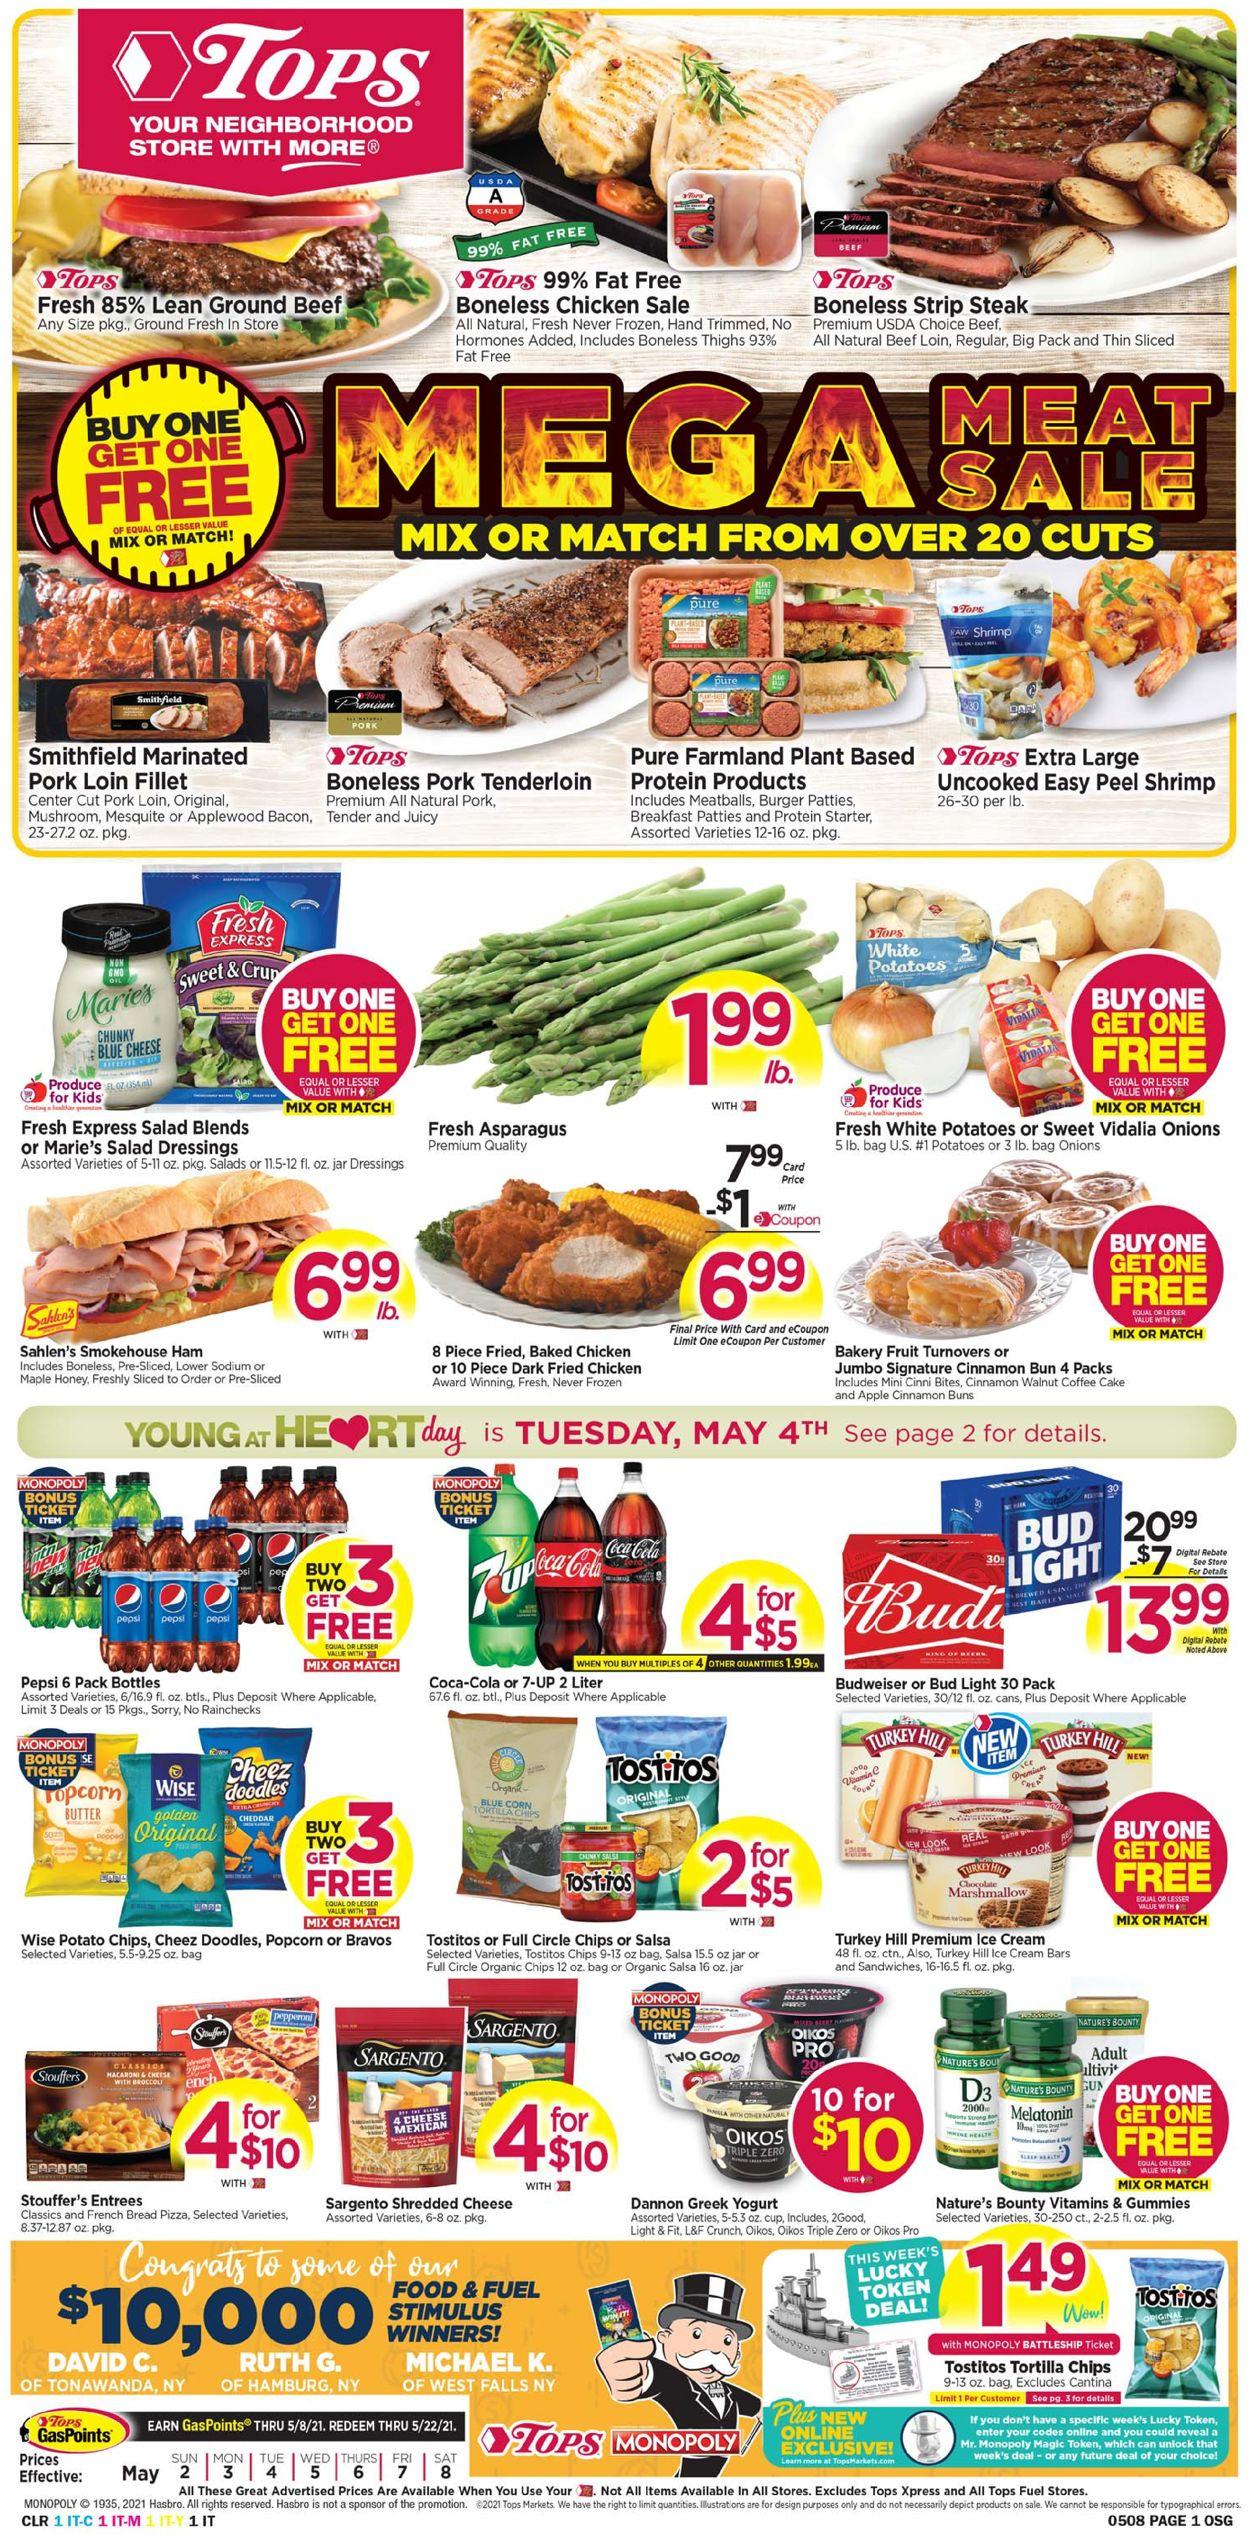 Tops Friendly Markets Weekly Ad Circular - valid 05/02-05/08/2021